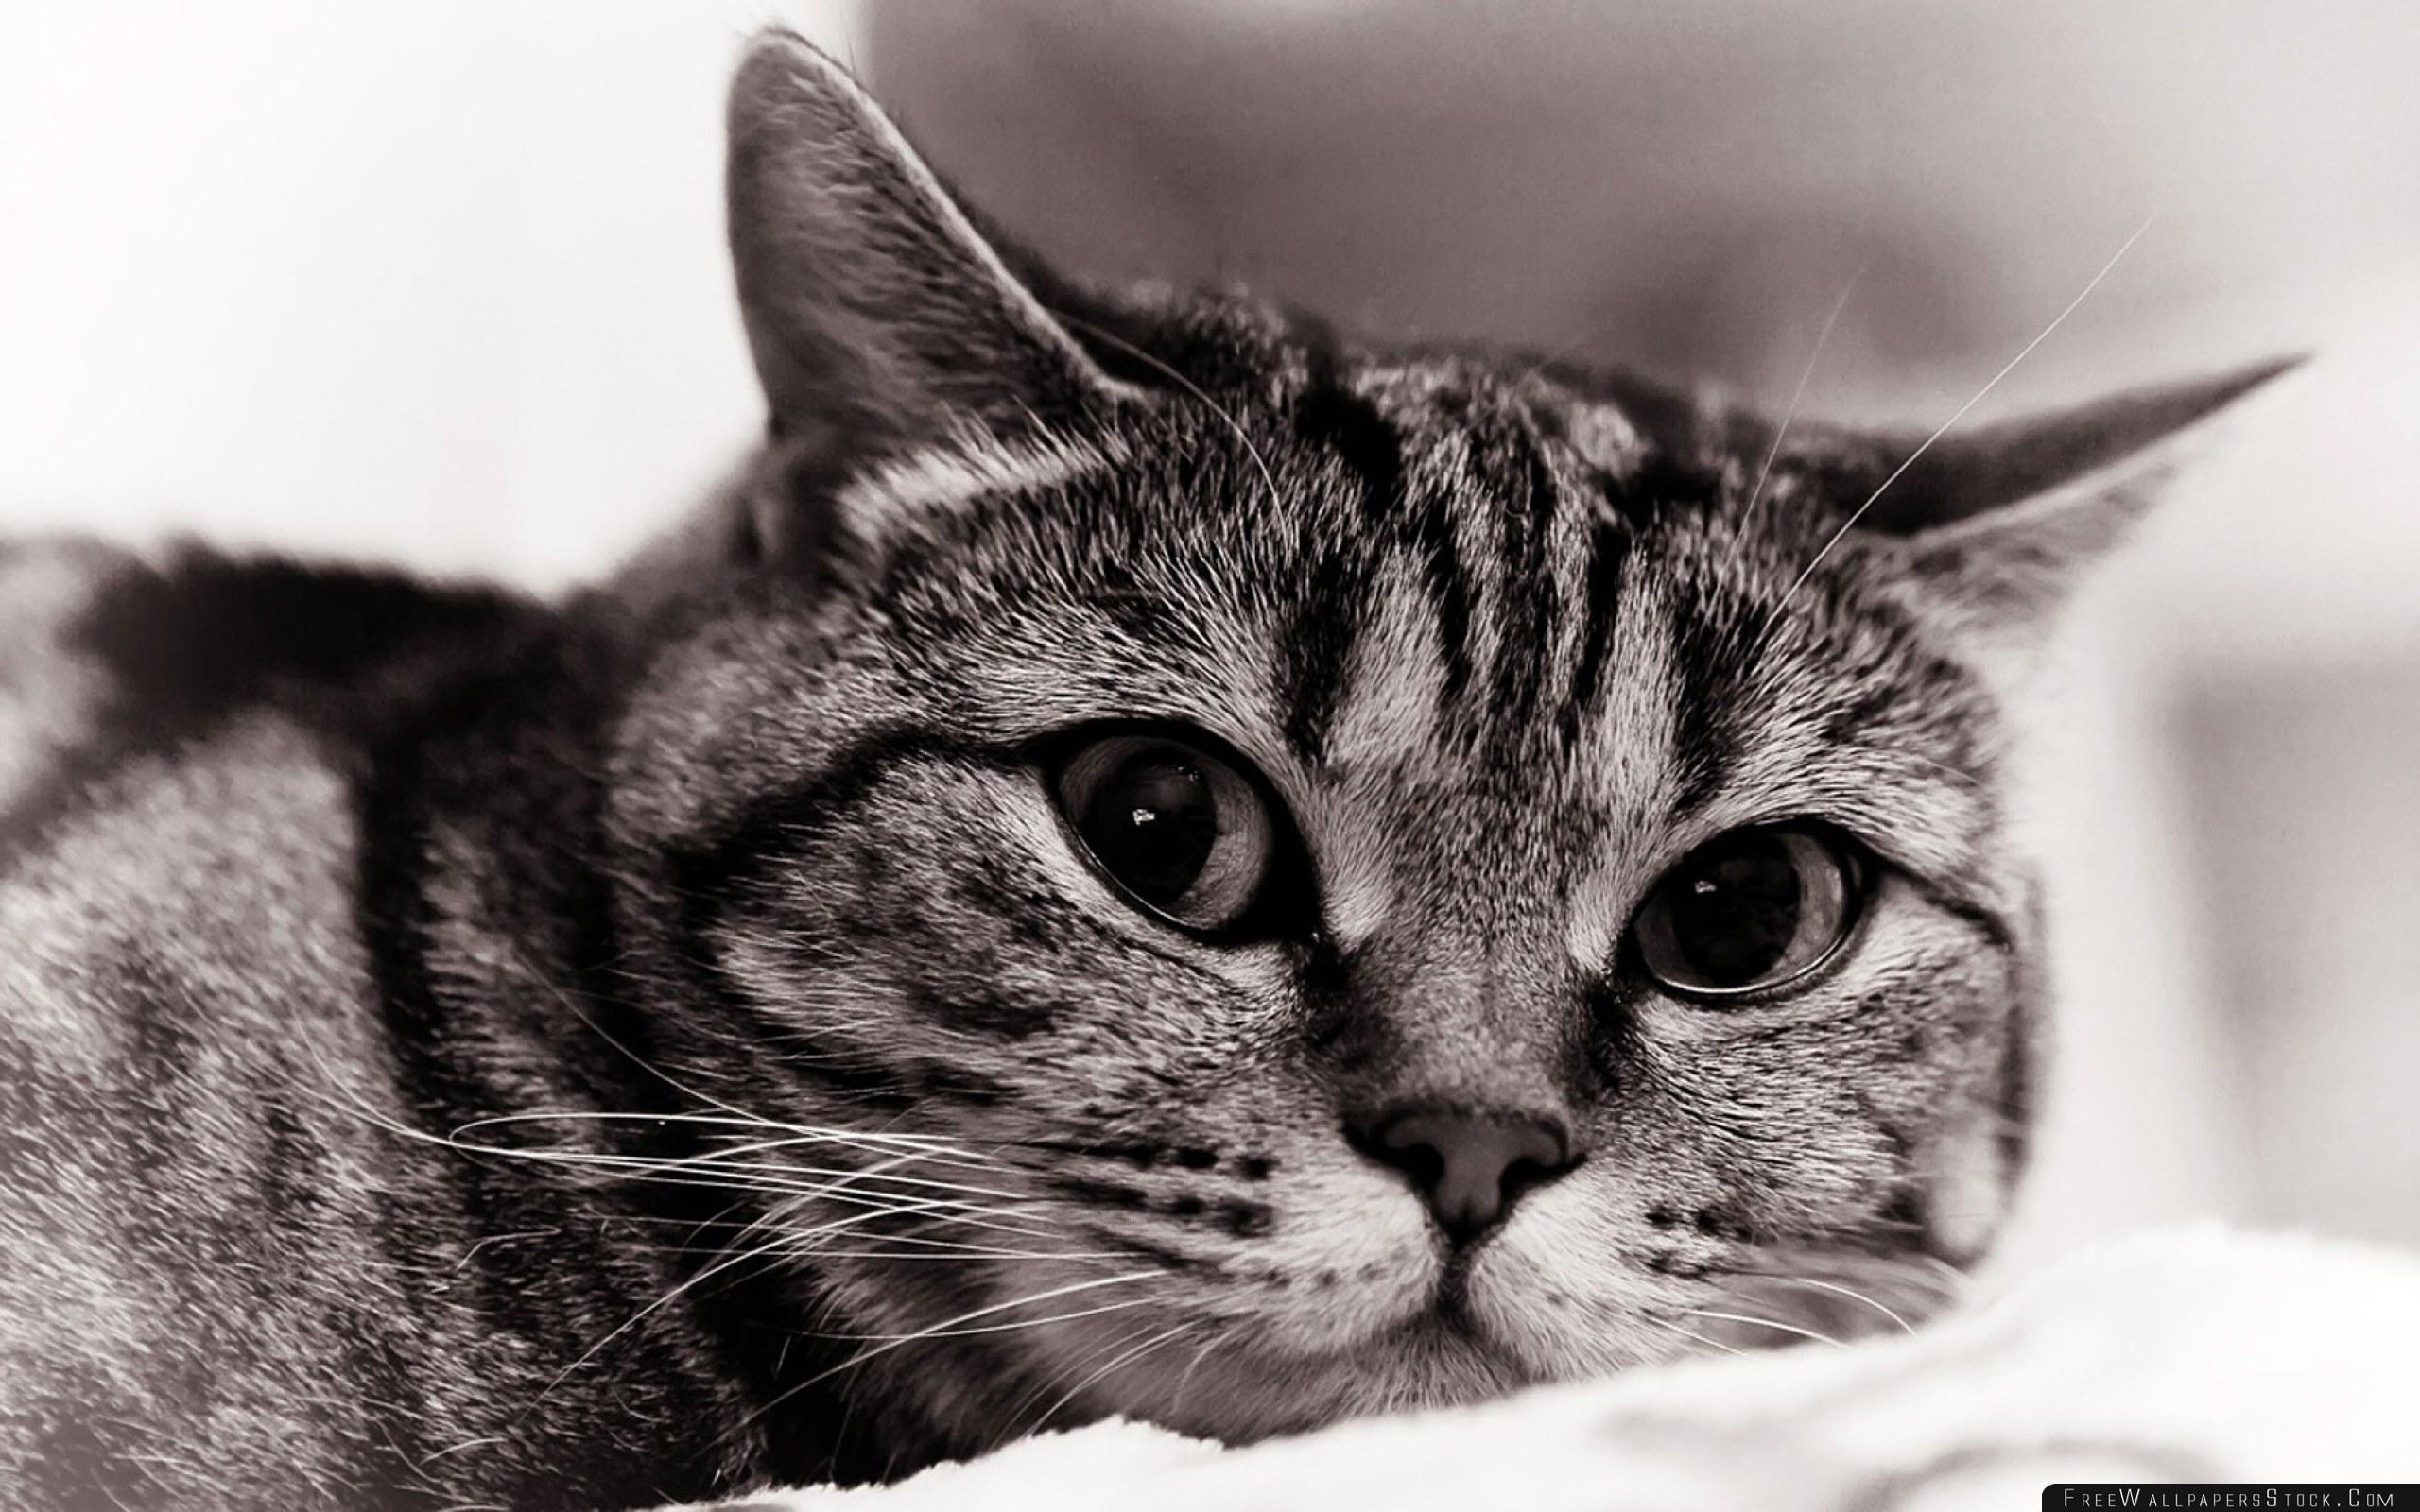 Download Free Wallpaper Cat Face Eyes Black White Sadness